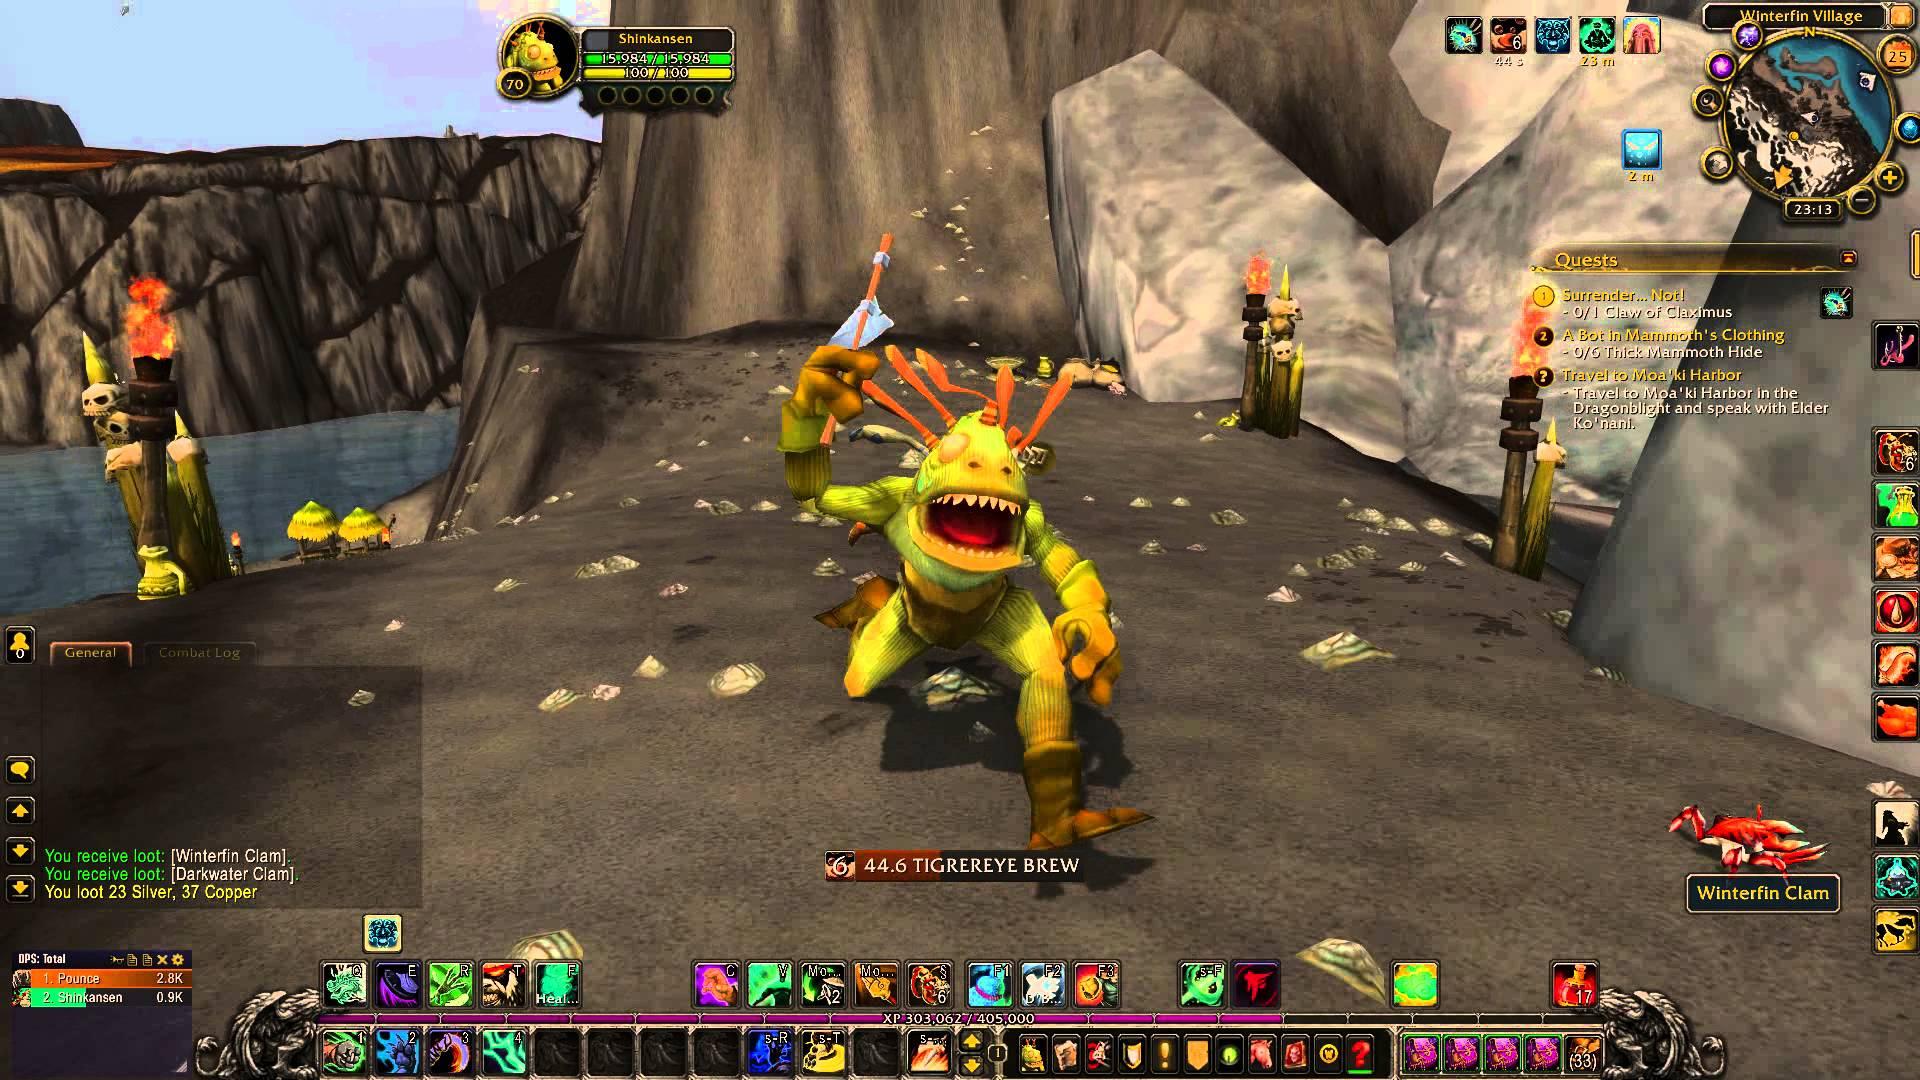 """Murlocs daha sonra World of Warcraft """"width ="""" 1903 """"height ="""" 1070'de oynanabilecek bir yarış olmalı"""